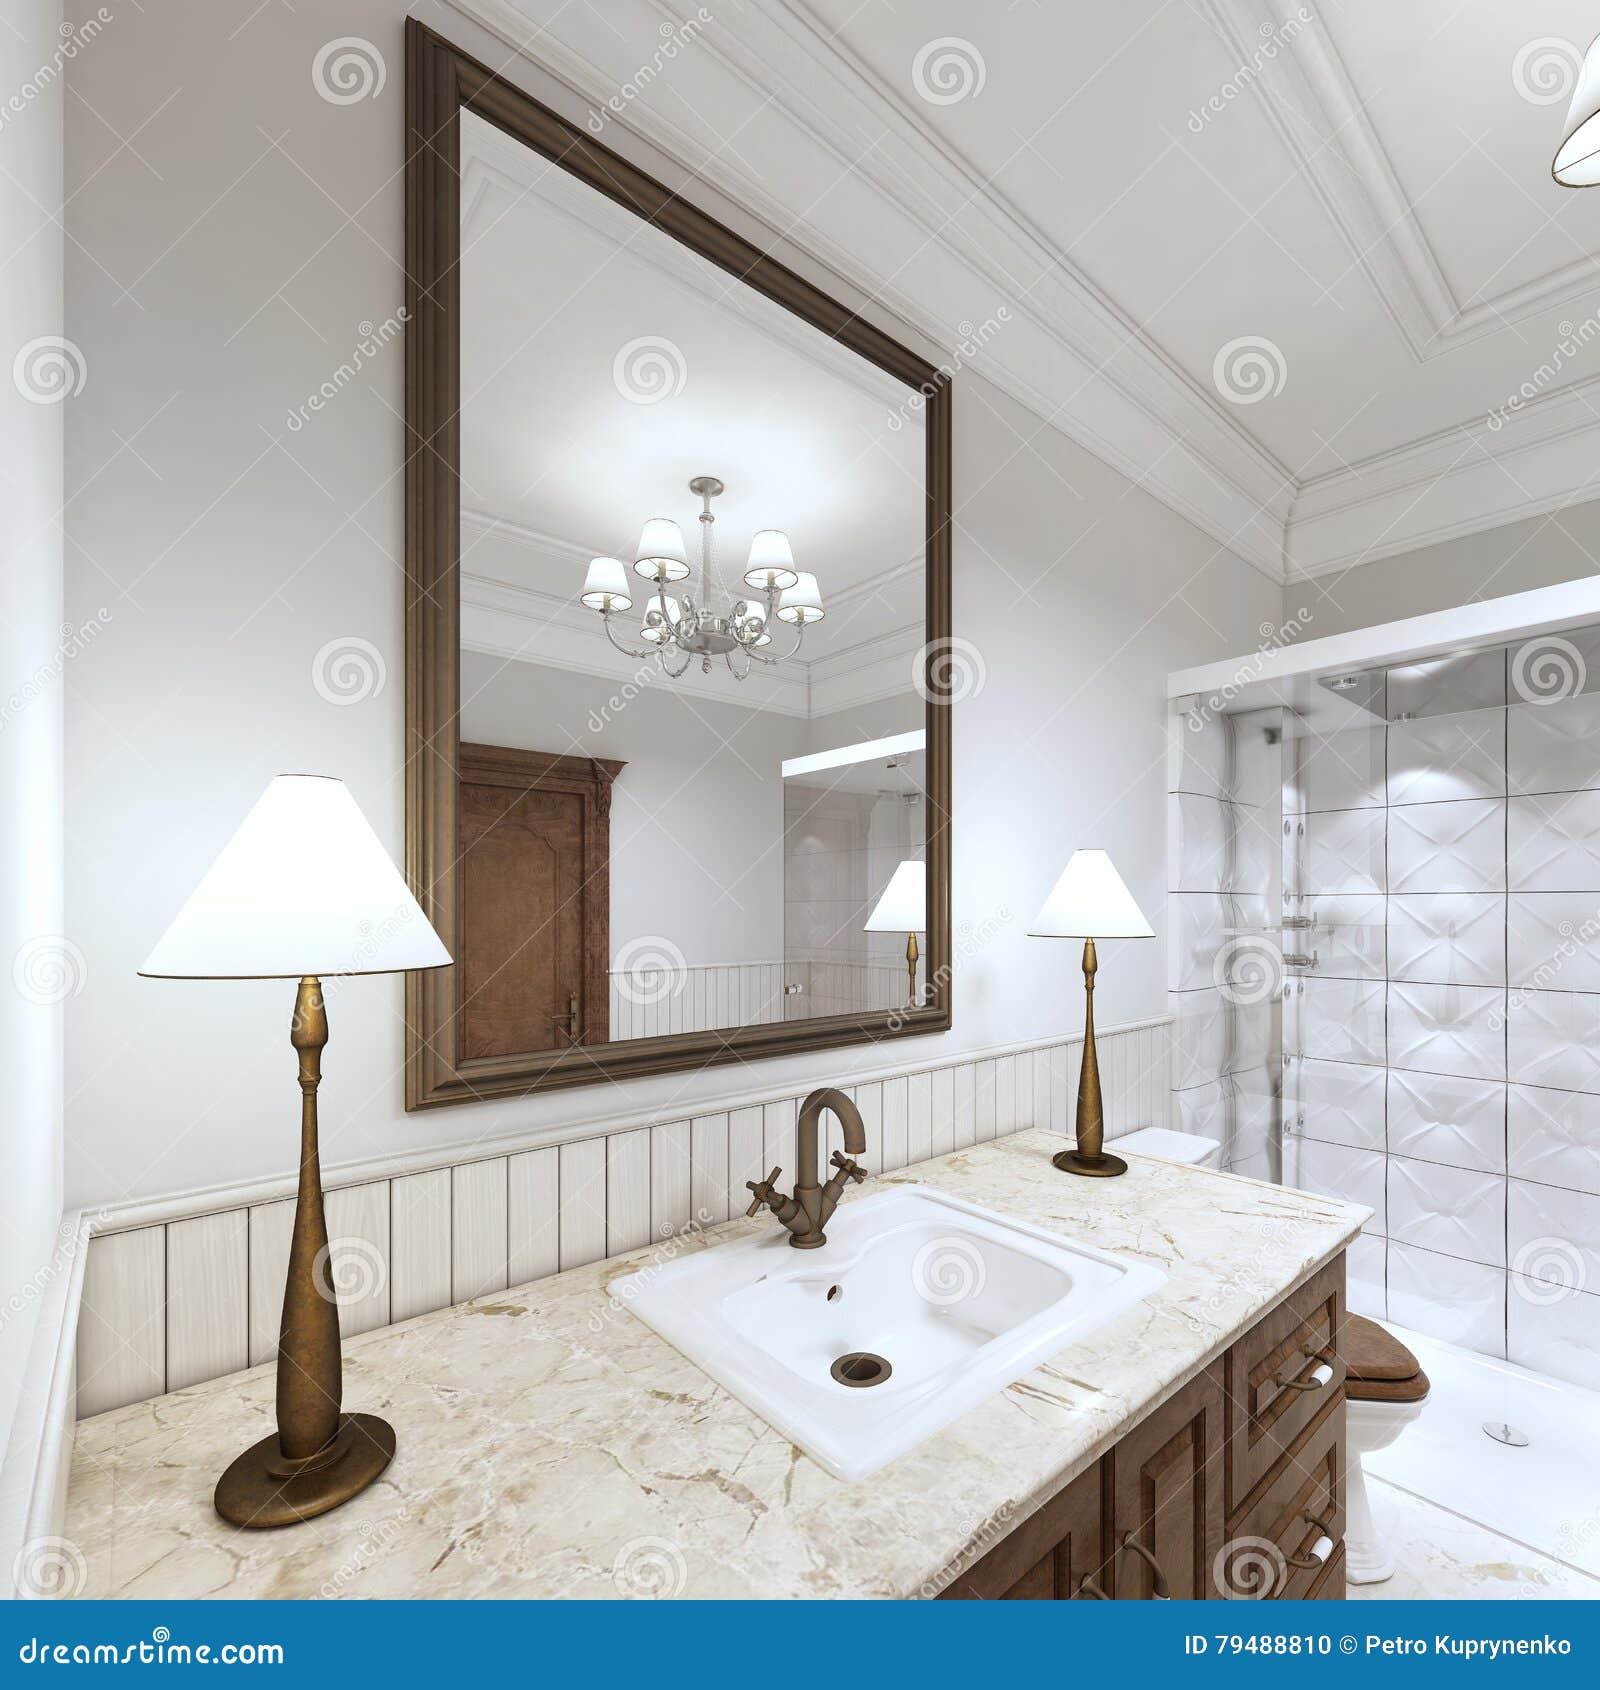 Lavabo del baño del fregadero de los muebles con una encimera de mármol